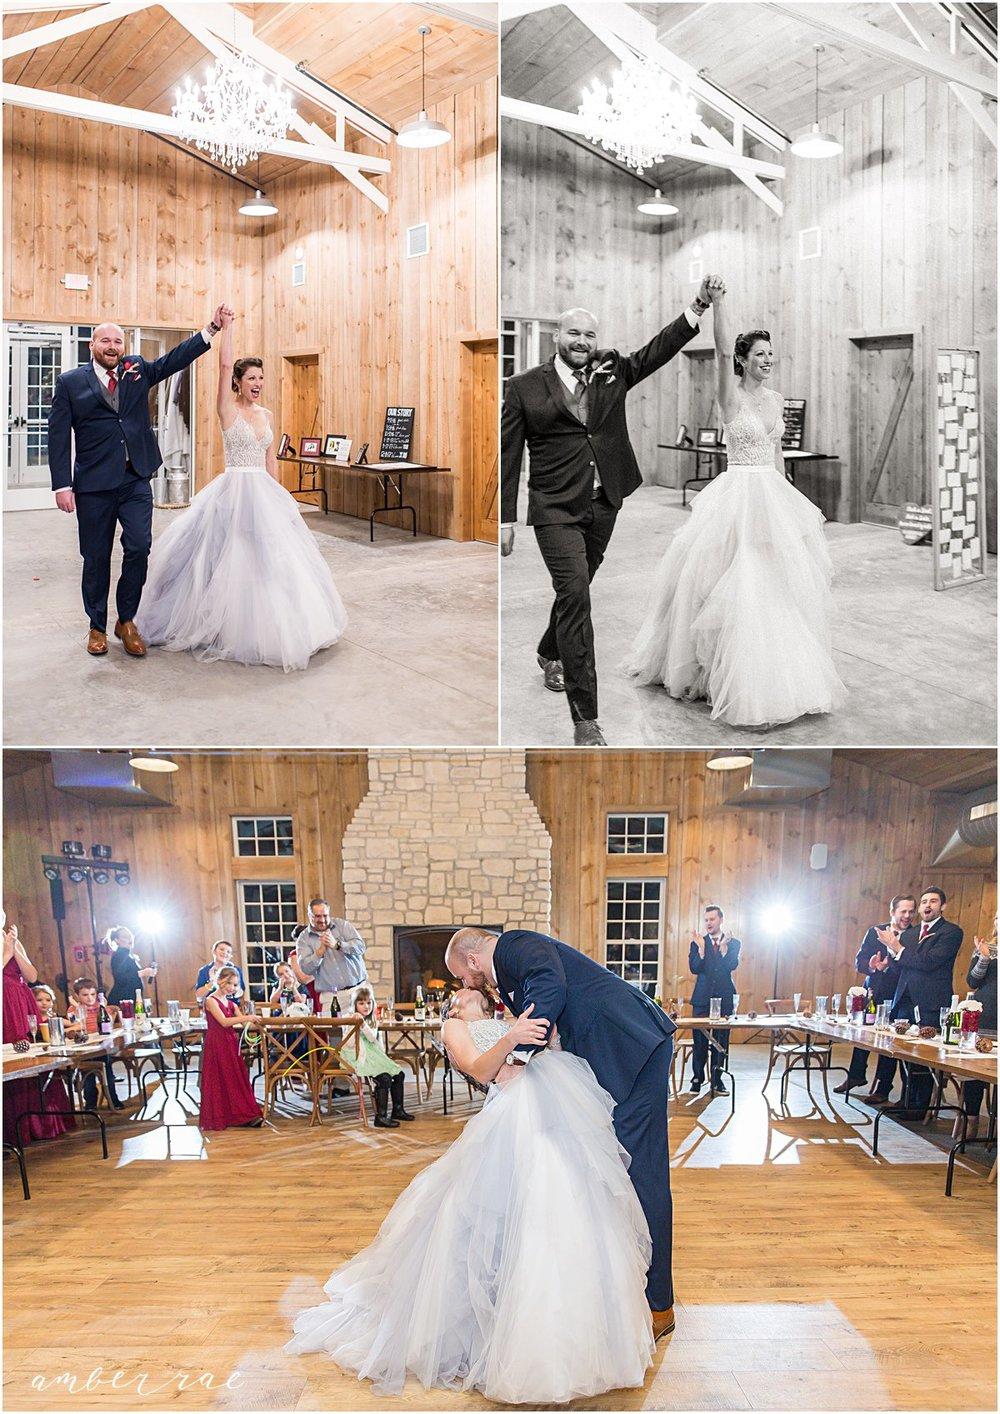 Helget Wedding Dec 2017_0041.jpg